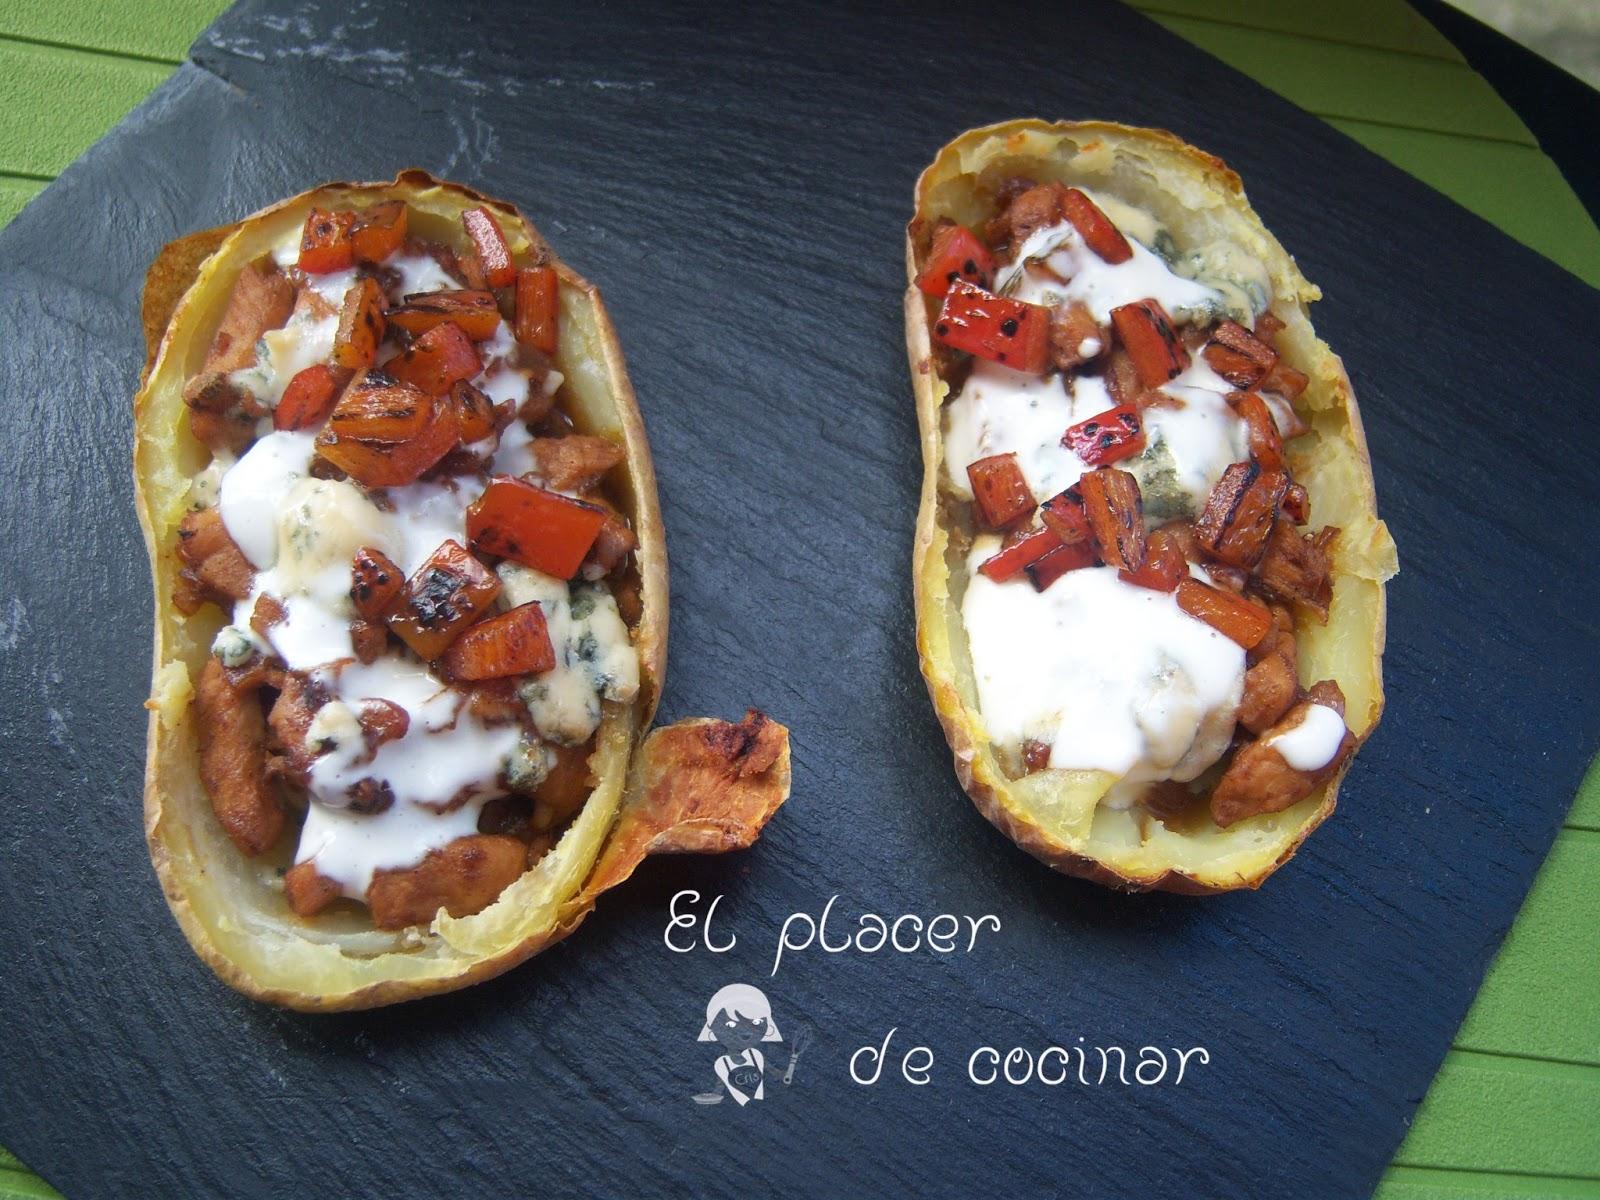 El placer de cocinar patatas asadas rellenas for Cocinar patatas rellenas